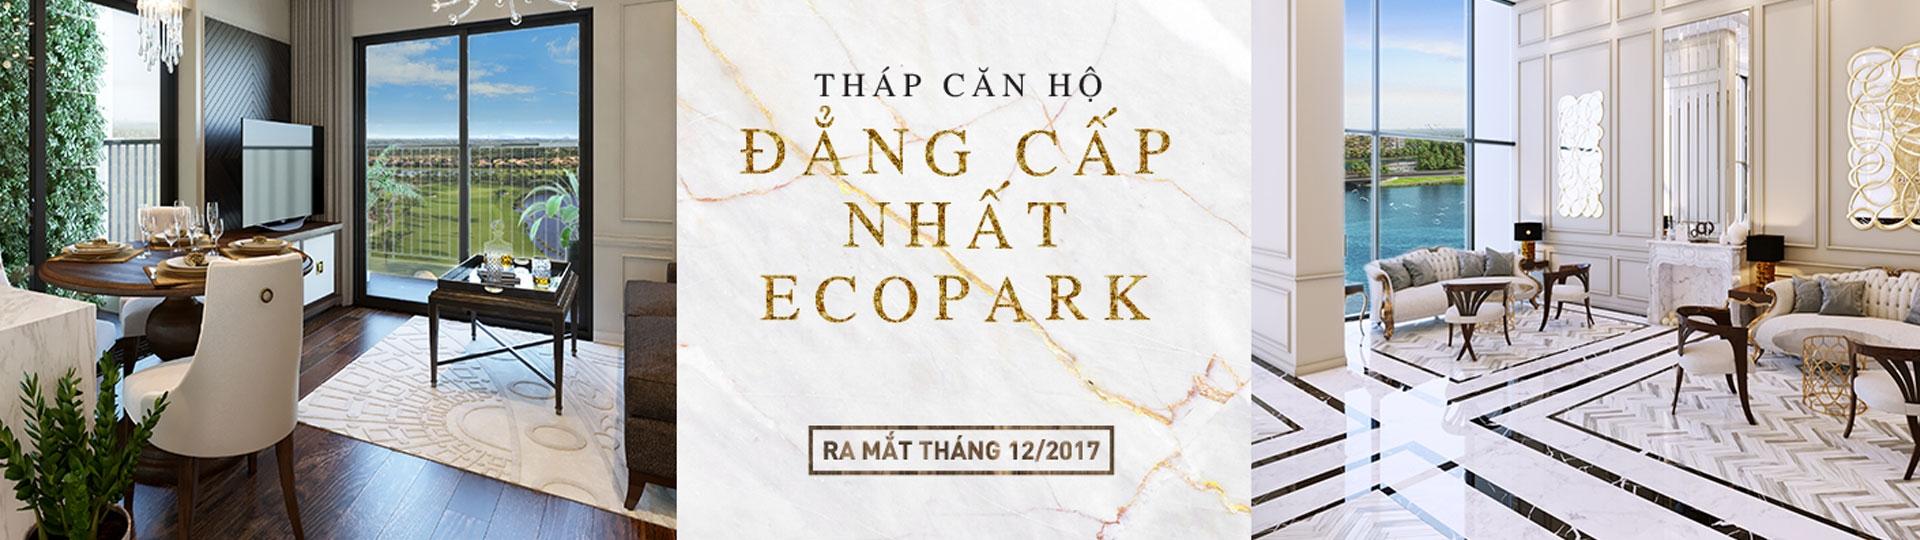 Ecopark Đức (@bdsecopark) Cover Image